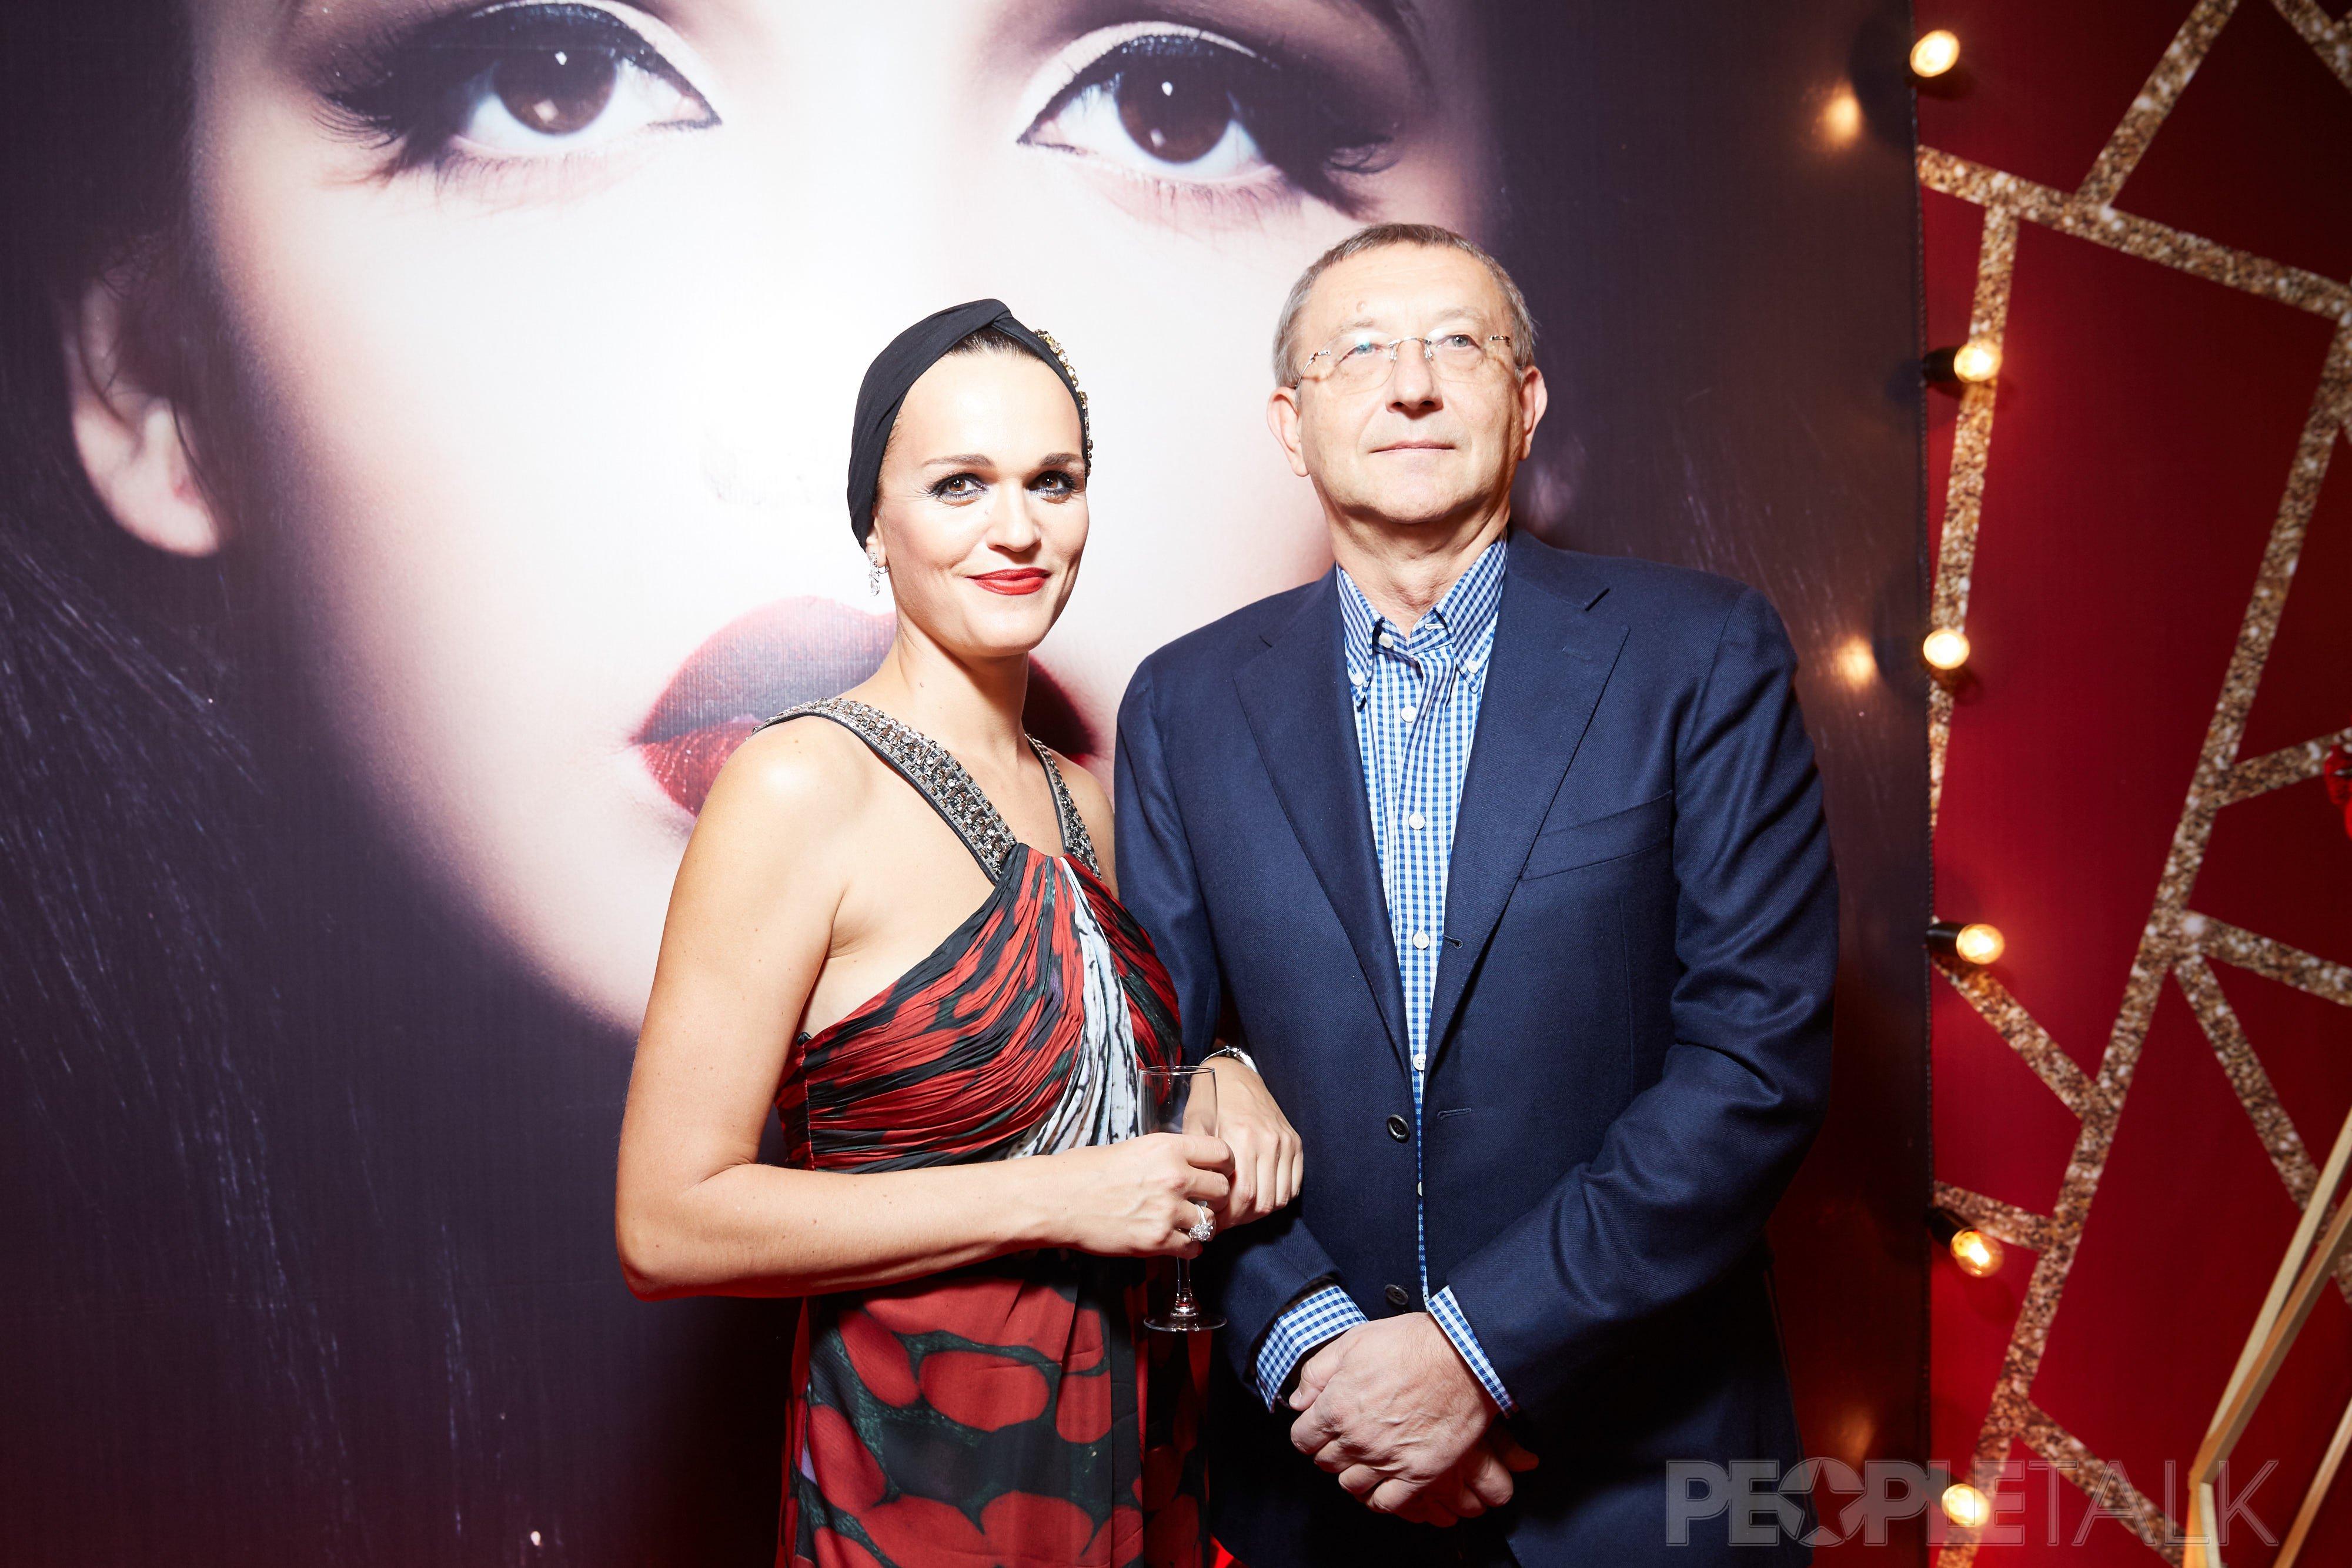 Певица Слава призналась, почему никогда не была замужем официально